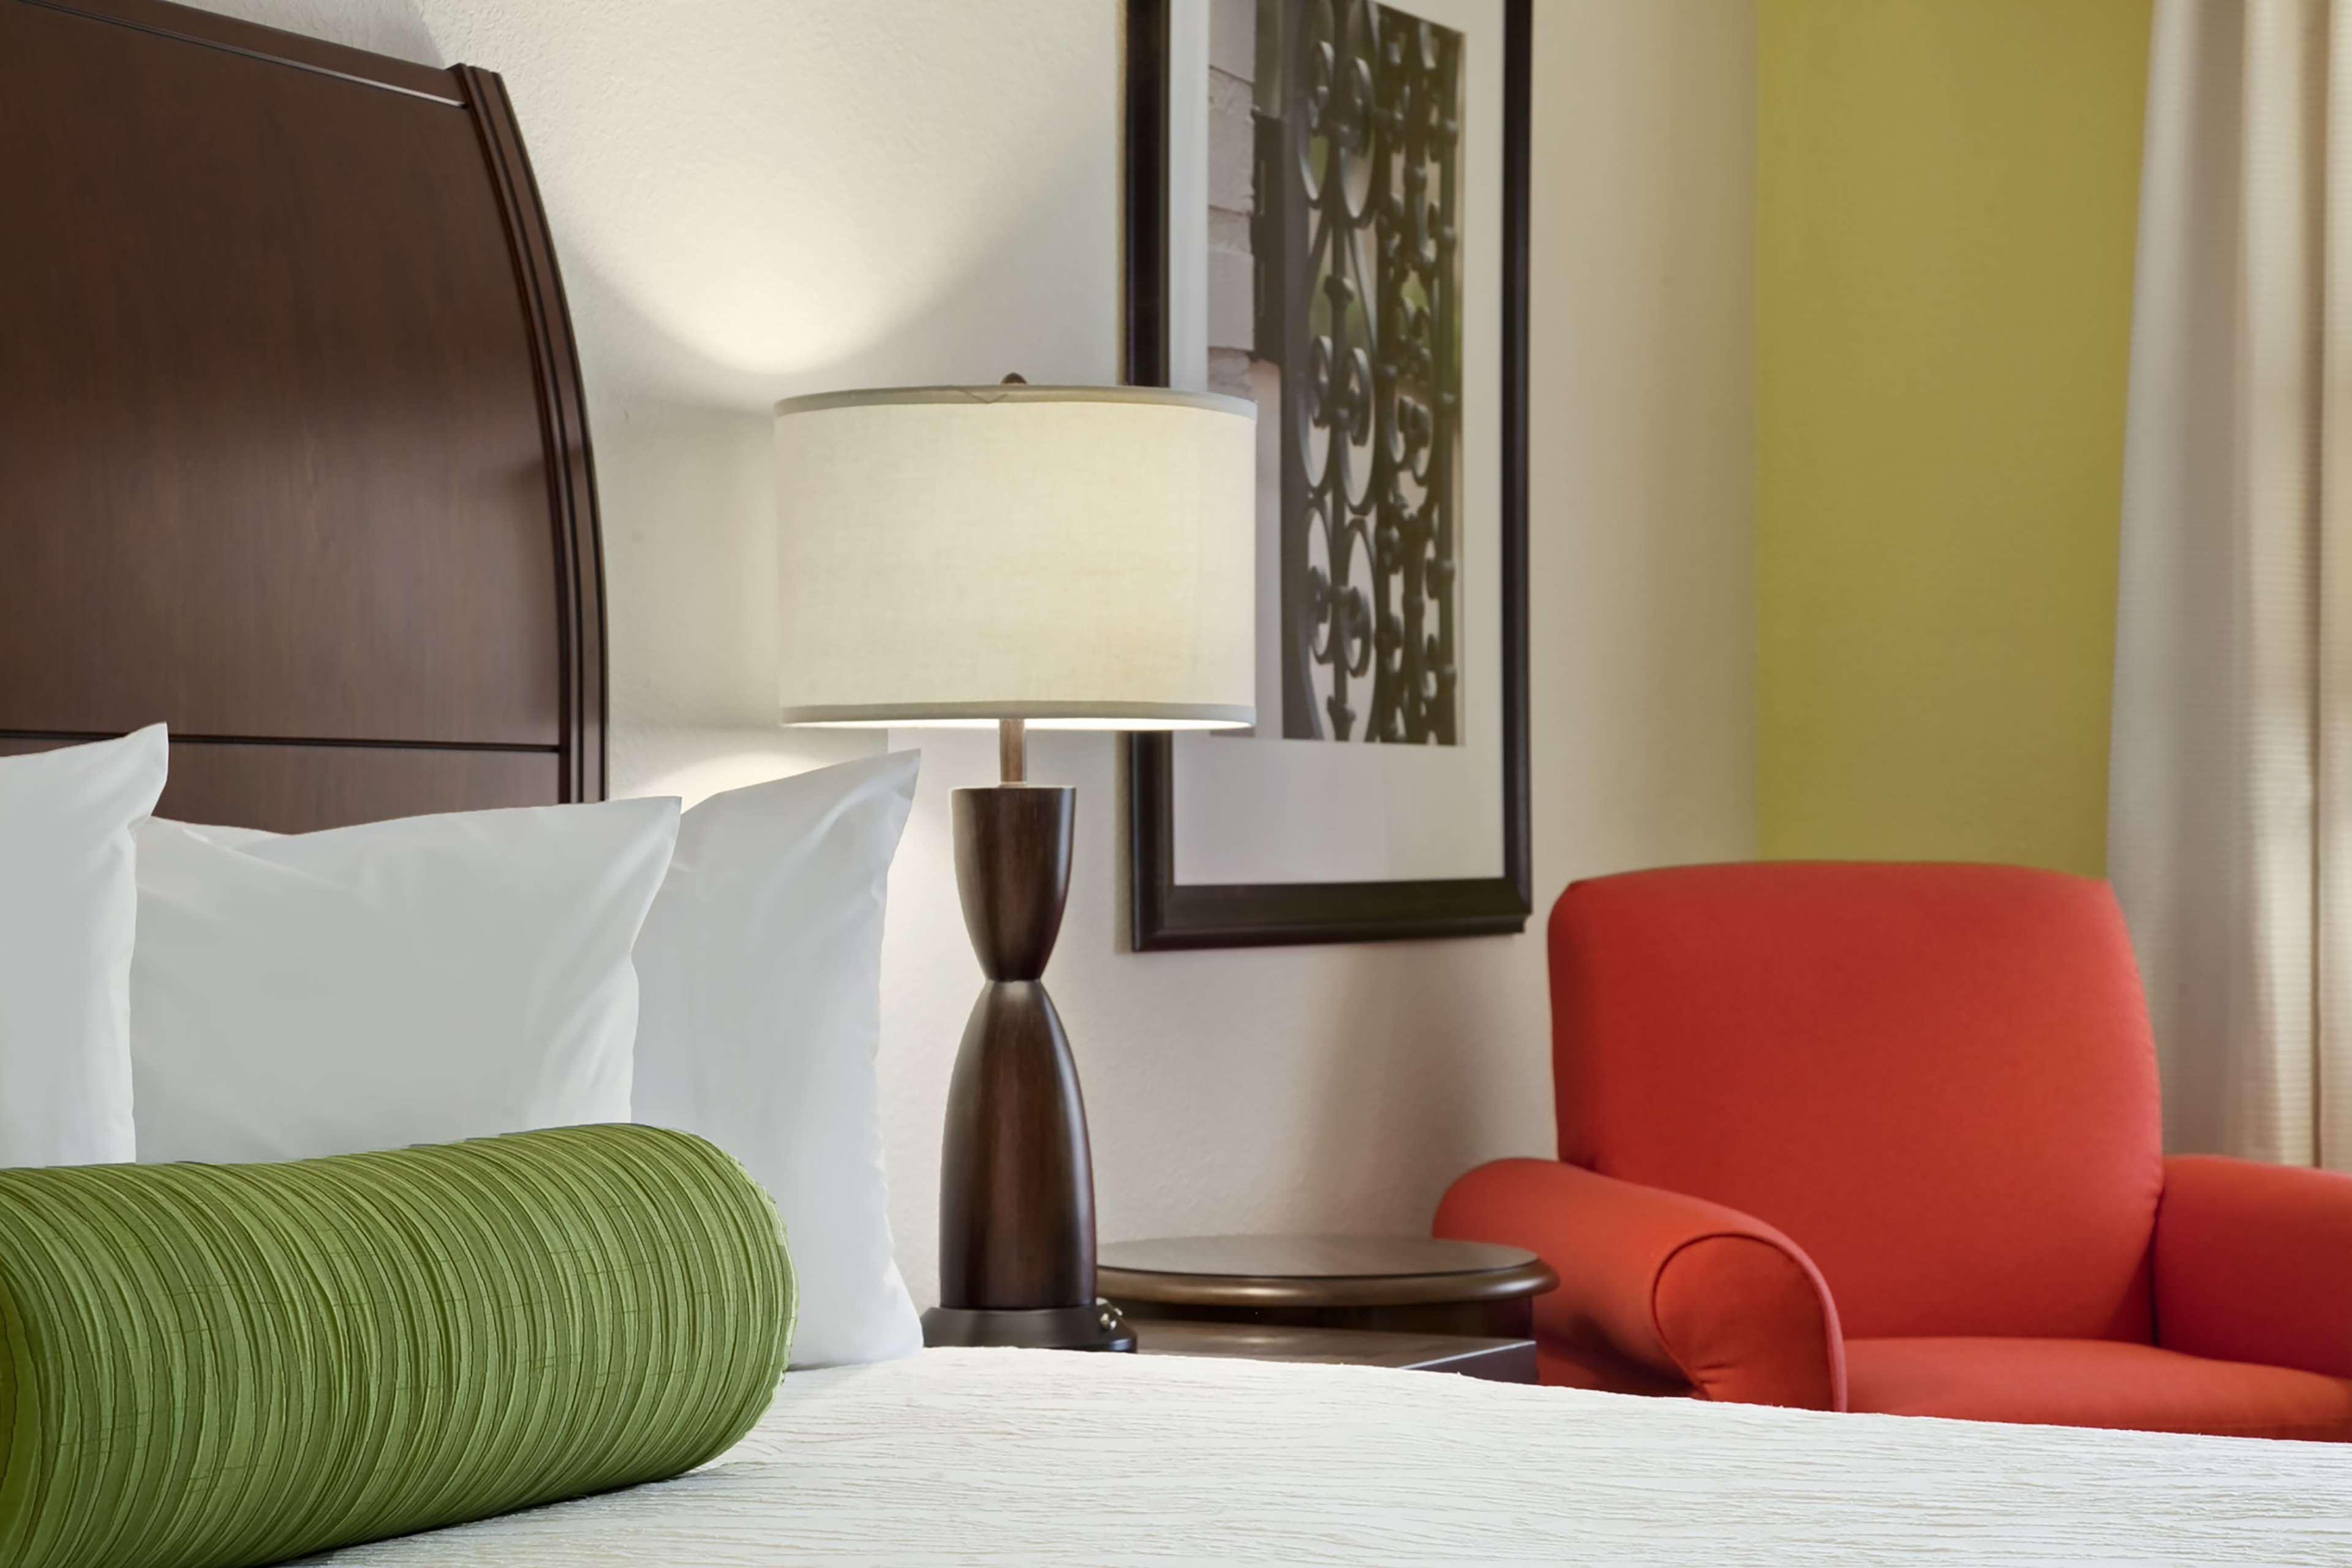 Hilton Garden Inn Hoffman Estates image 18